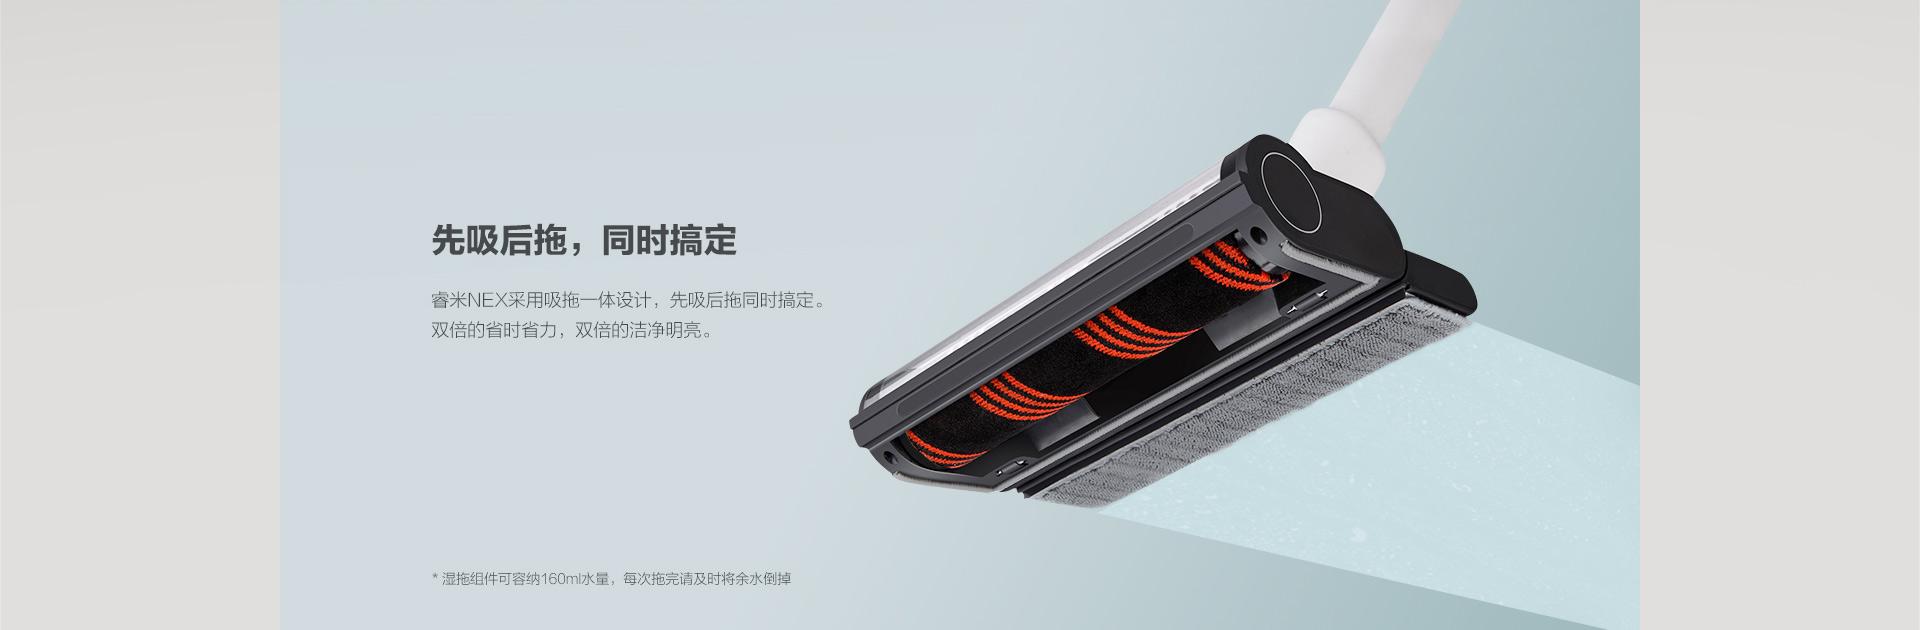 睿米吸尘器品牌除了从用户追求干净的角度来设计吸尘器,还考虑到打扫是个体力活,越是省力越是能提高用户体验。